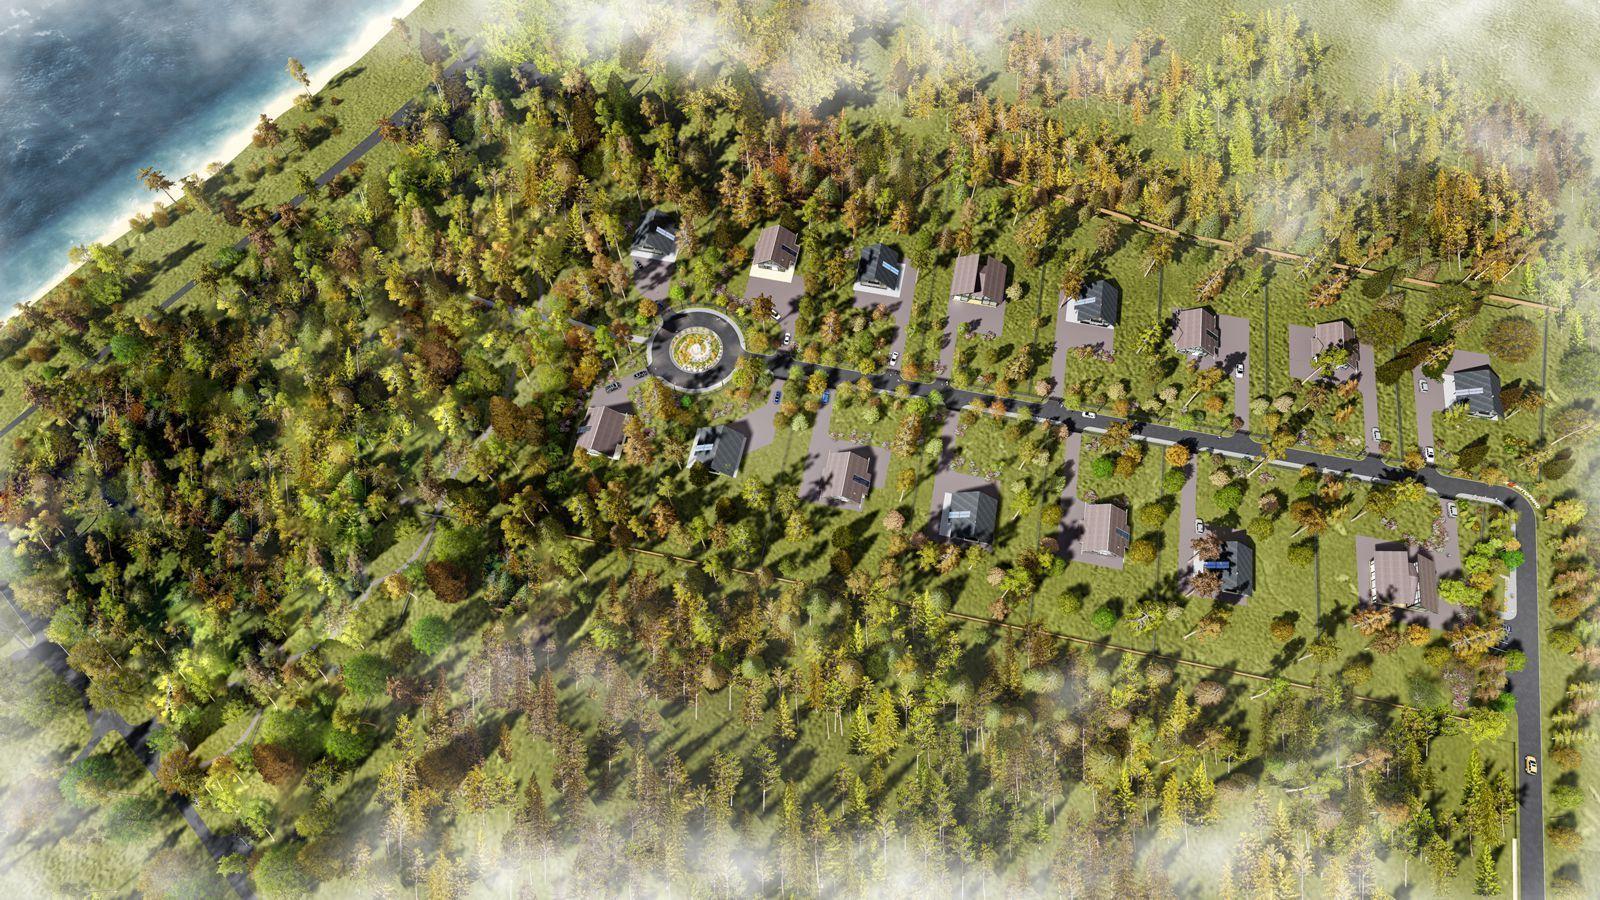 Фото коттеджного поселка Litorino от Леннорд. Коттеджный поселок Литорино